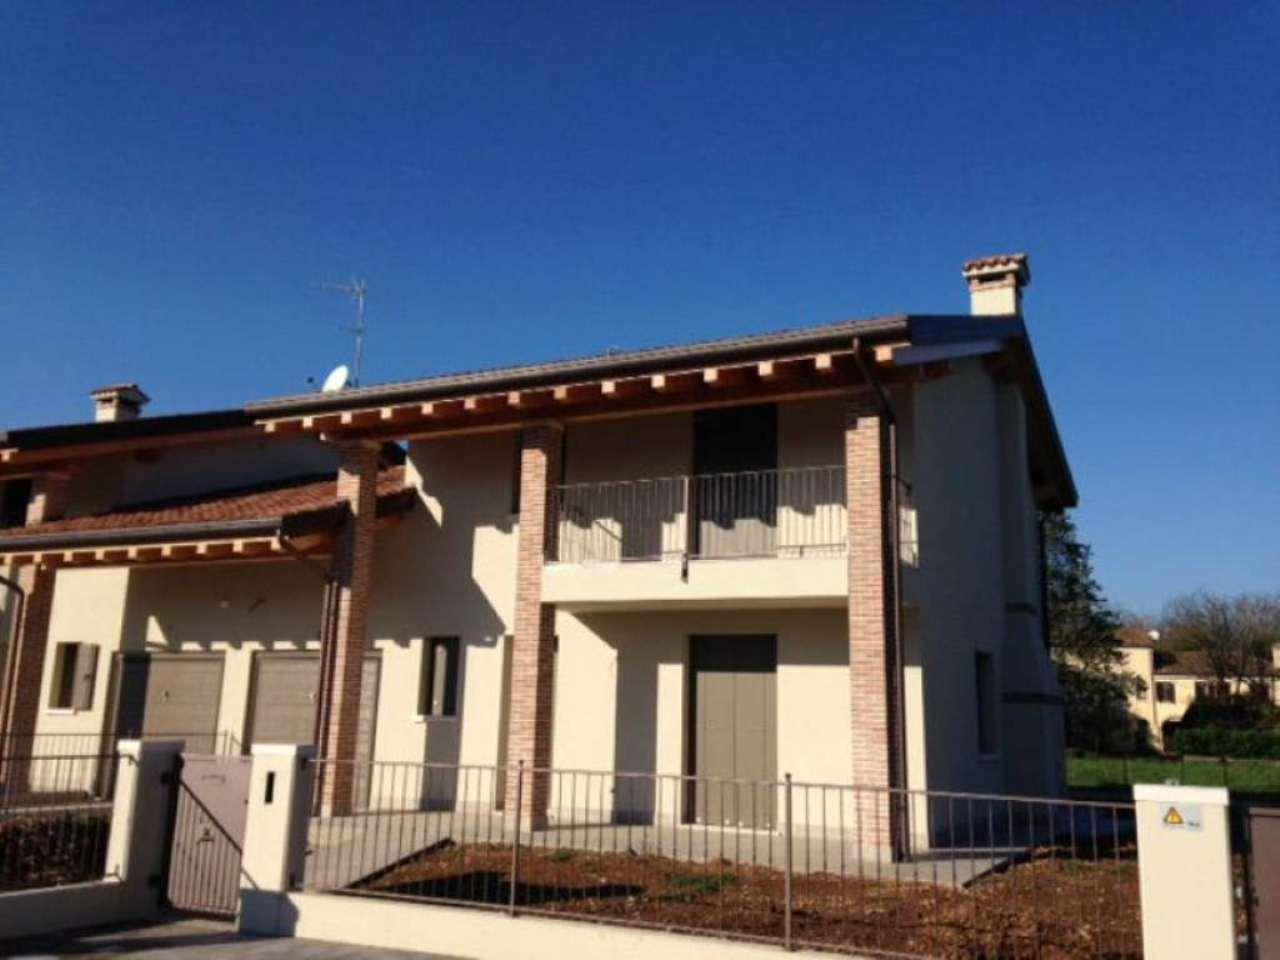 Soluzione Indipendente in vendita a Ponzano Veneto, 6 locali, prezzo € 350.000 | CambioCasa.it